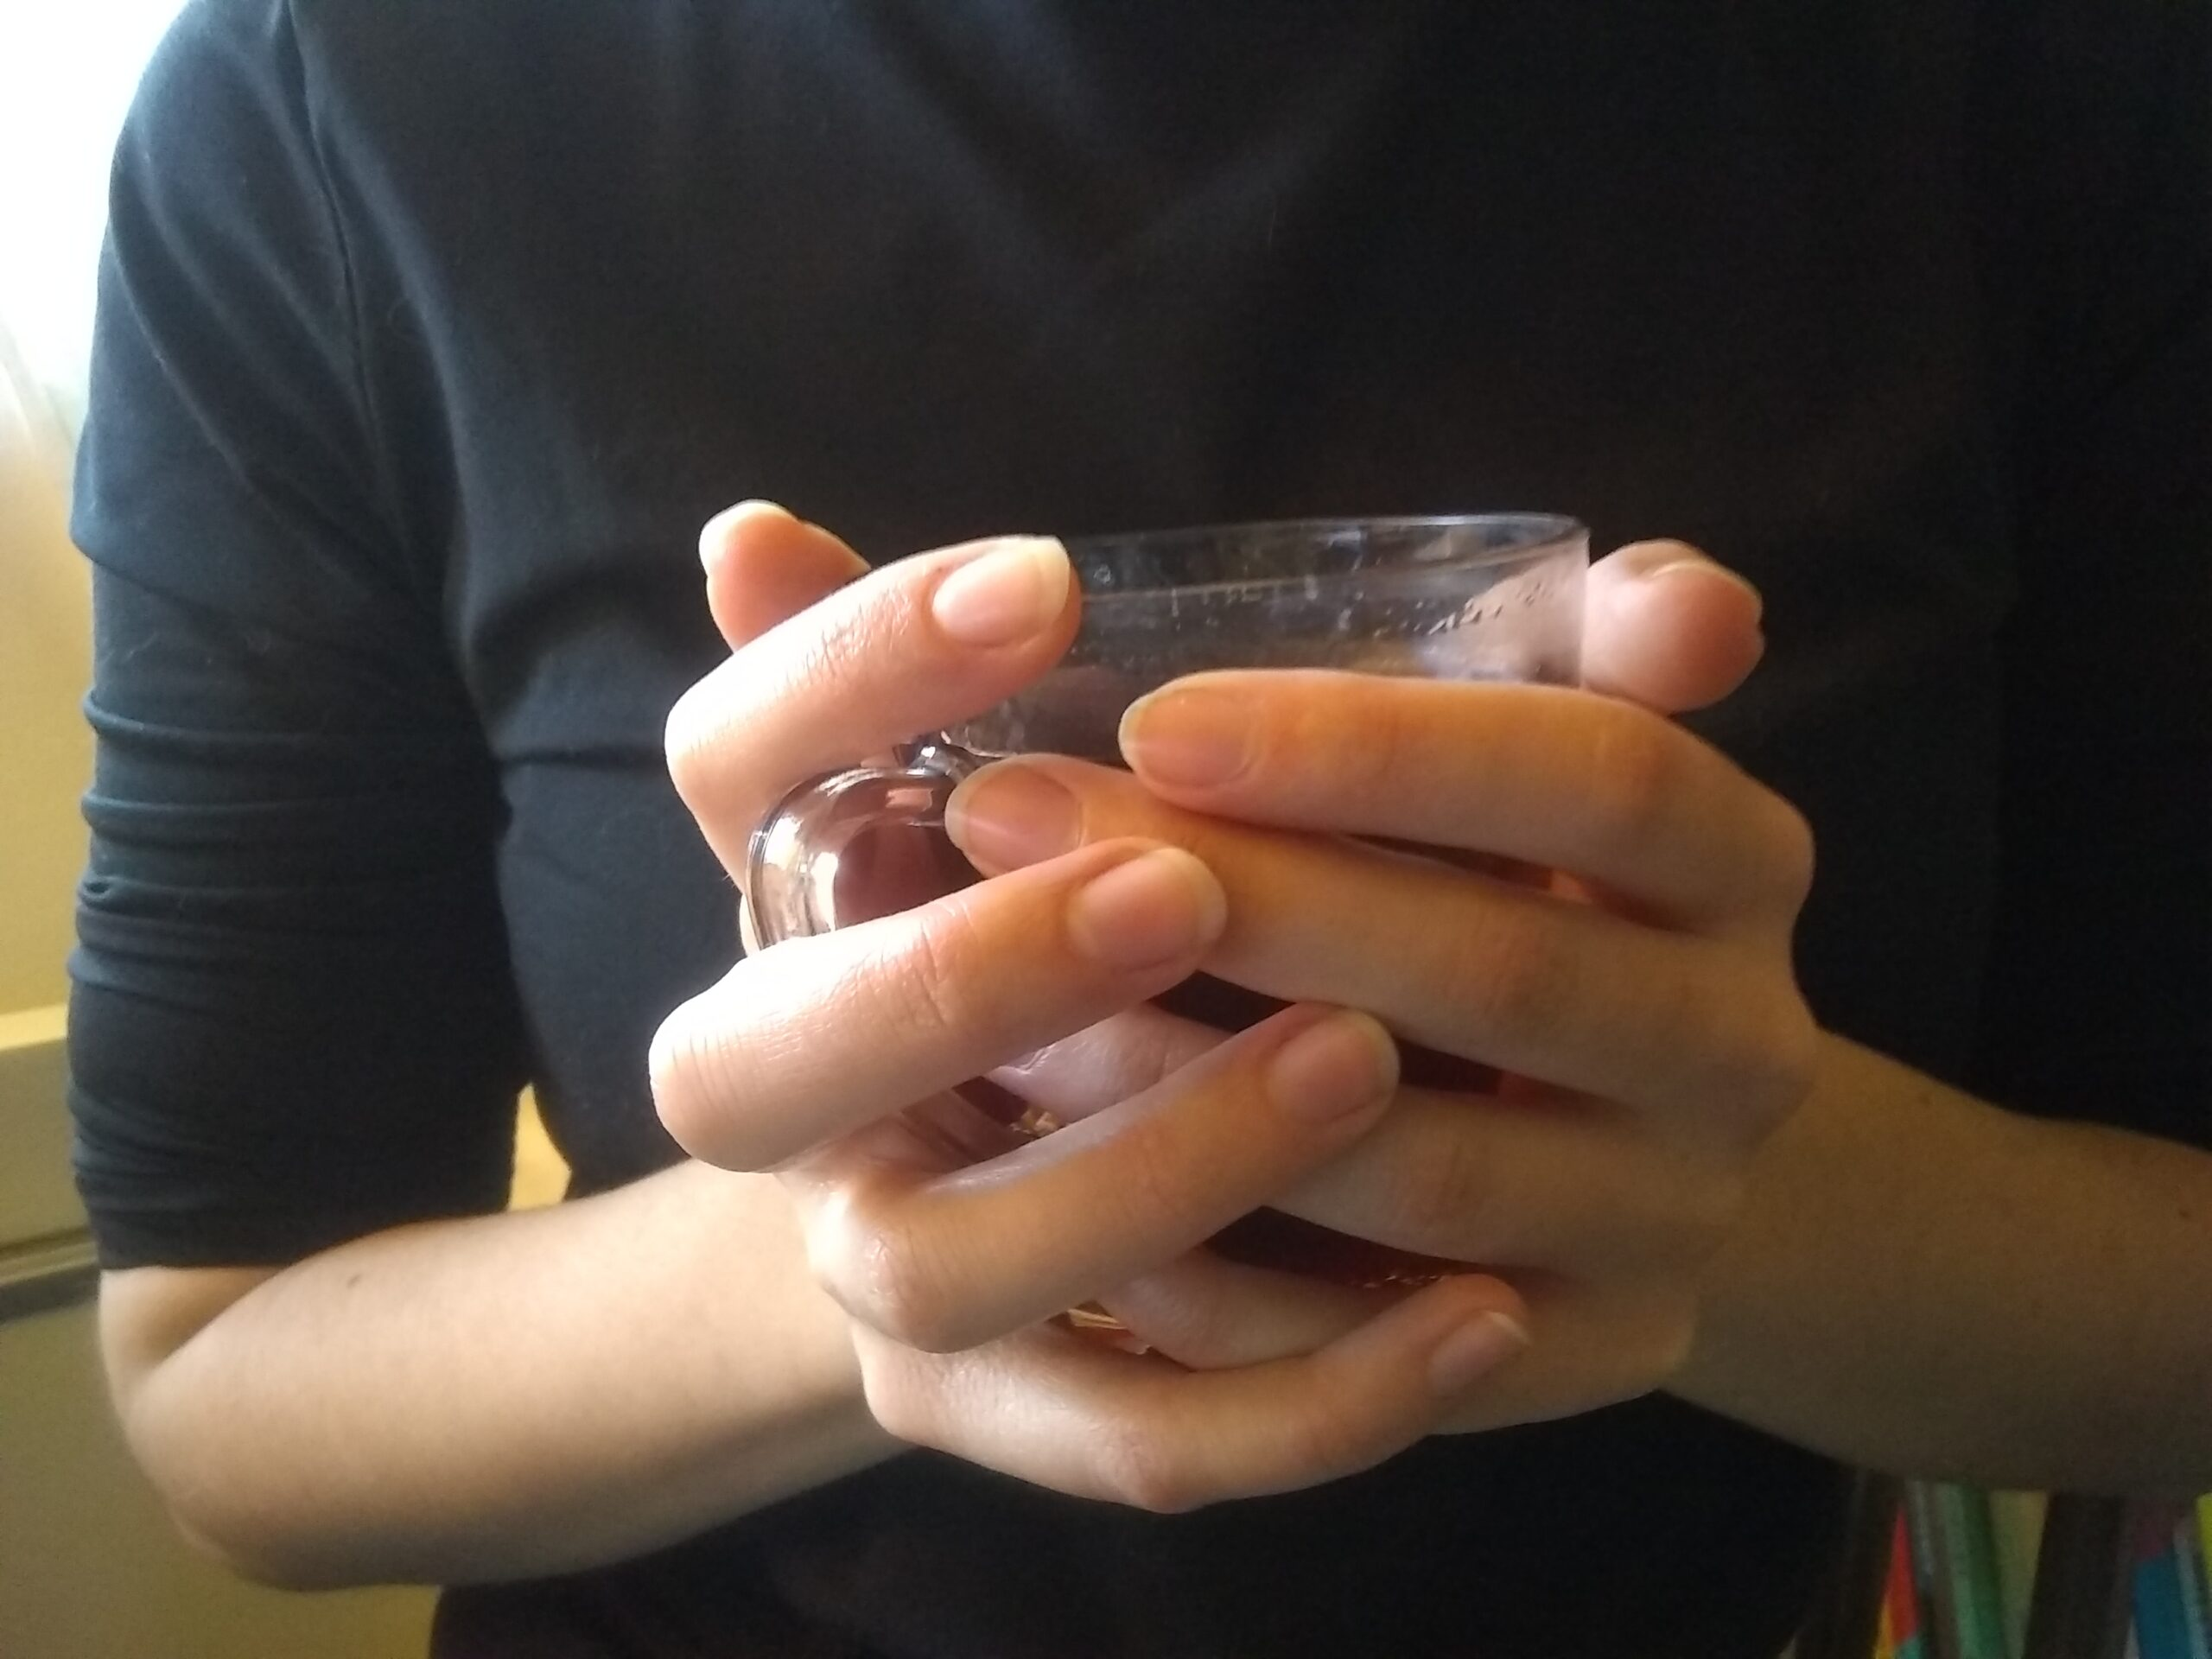 Tasse de thé chaud entre des mains, on voit de la buée sur les parois de la tasse